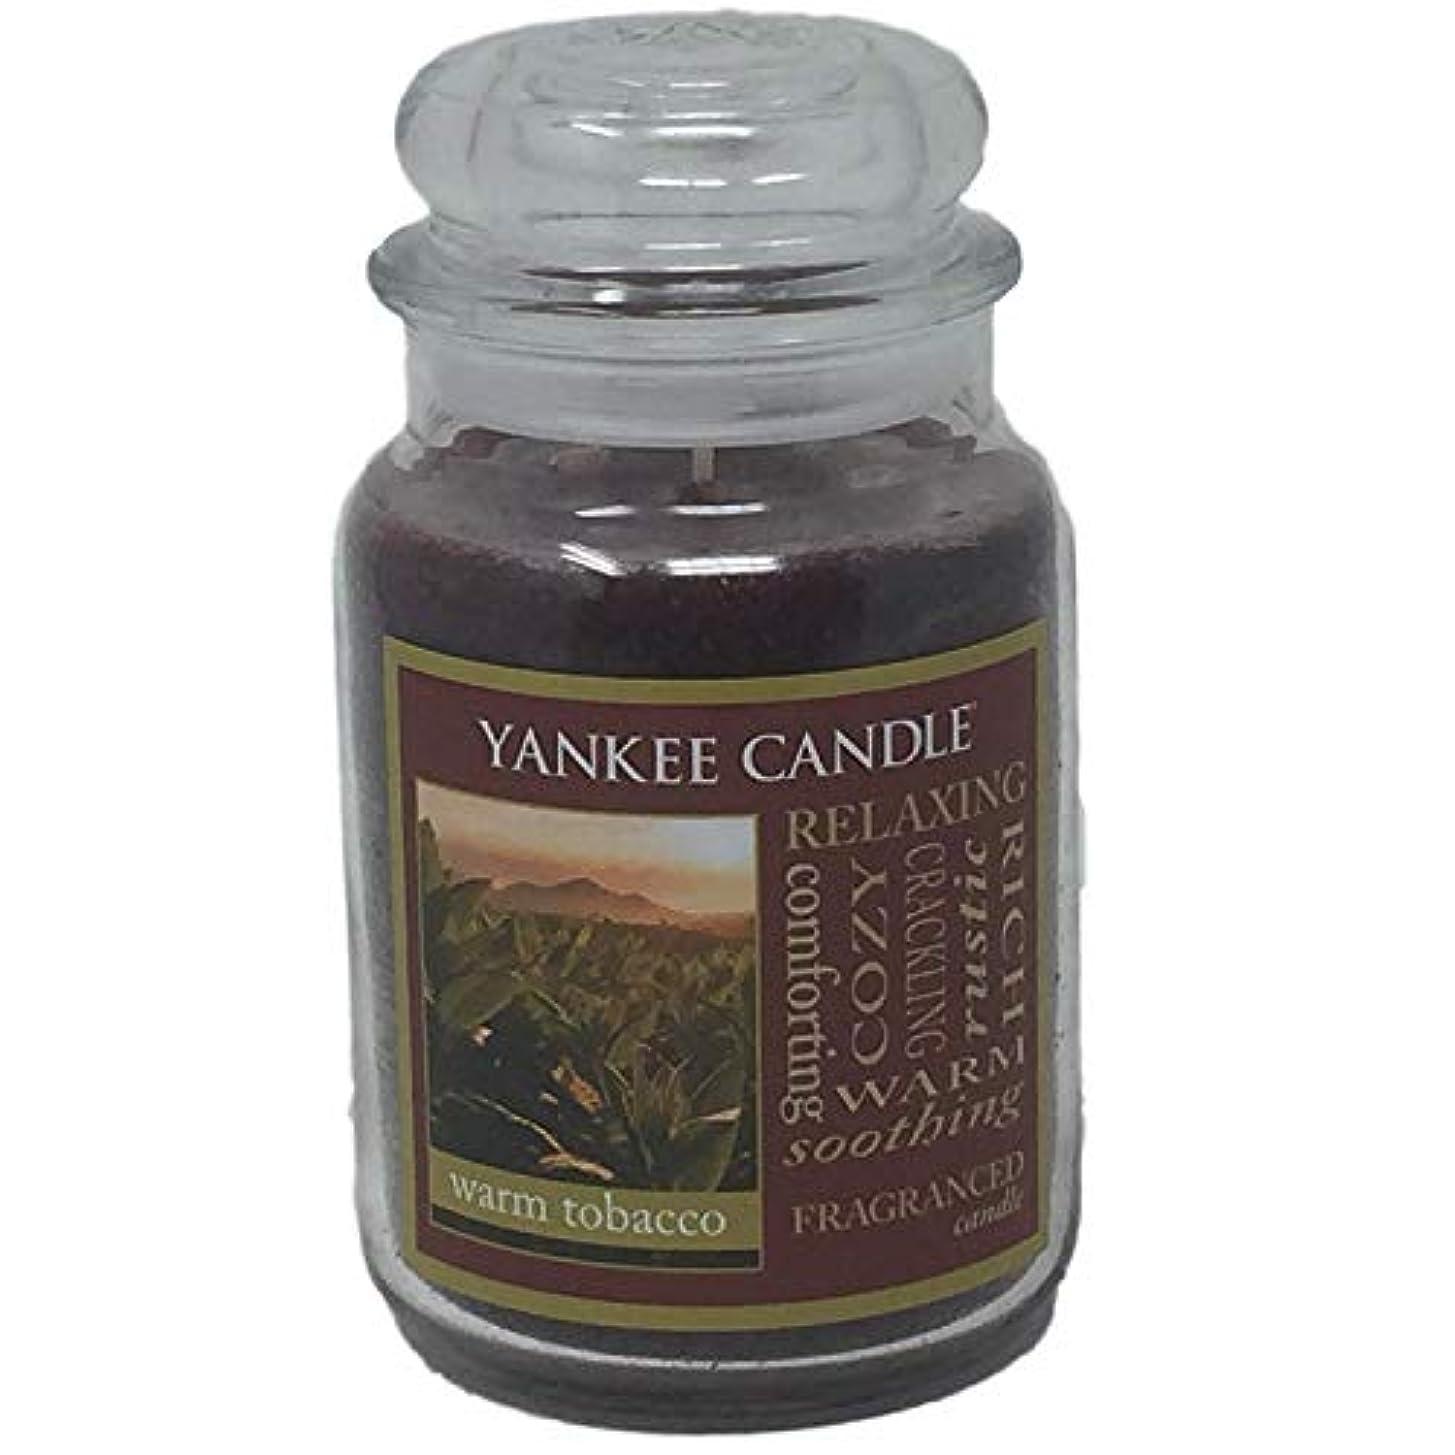 アライメント逆説主導権Yankee Candle WarmタバコJar Candle – 22 oz Largeサイズ